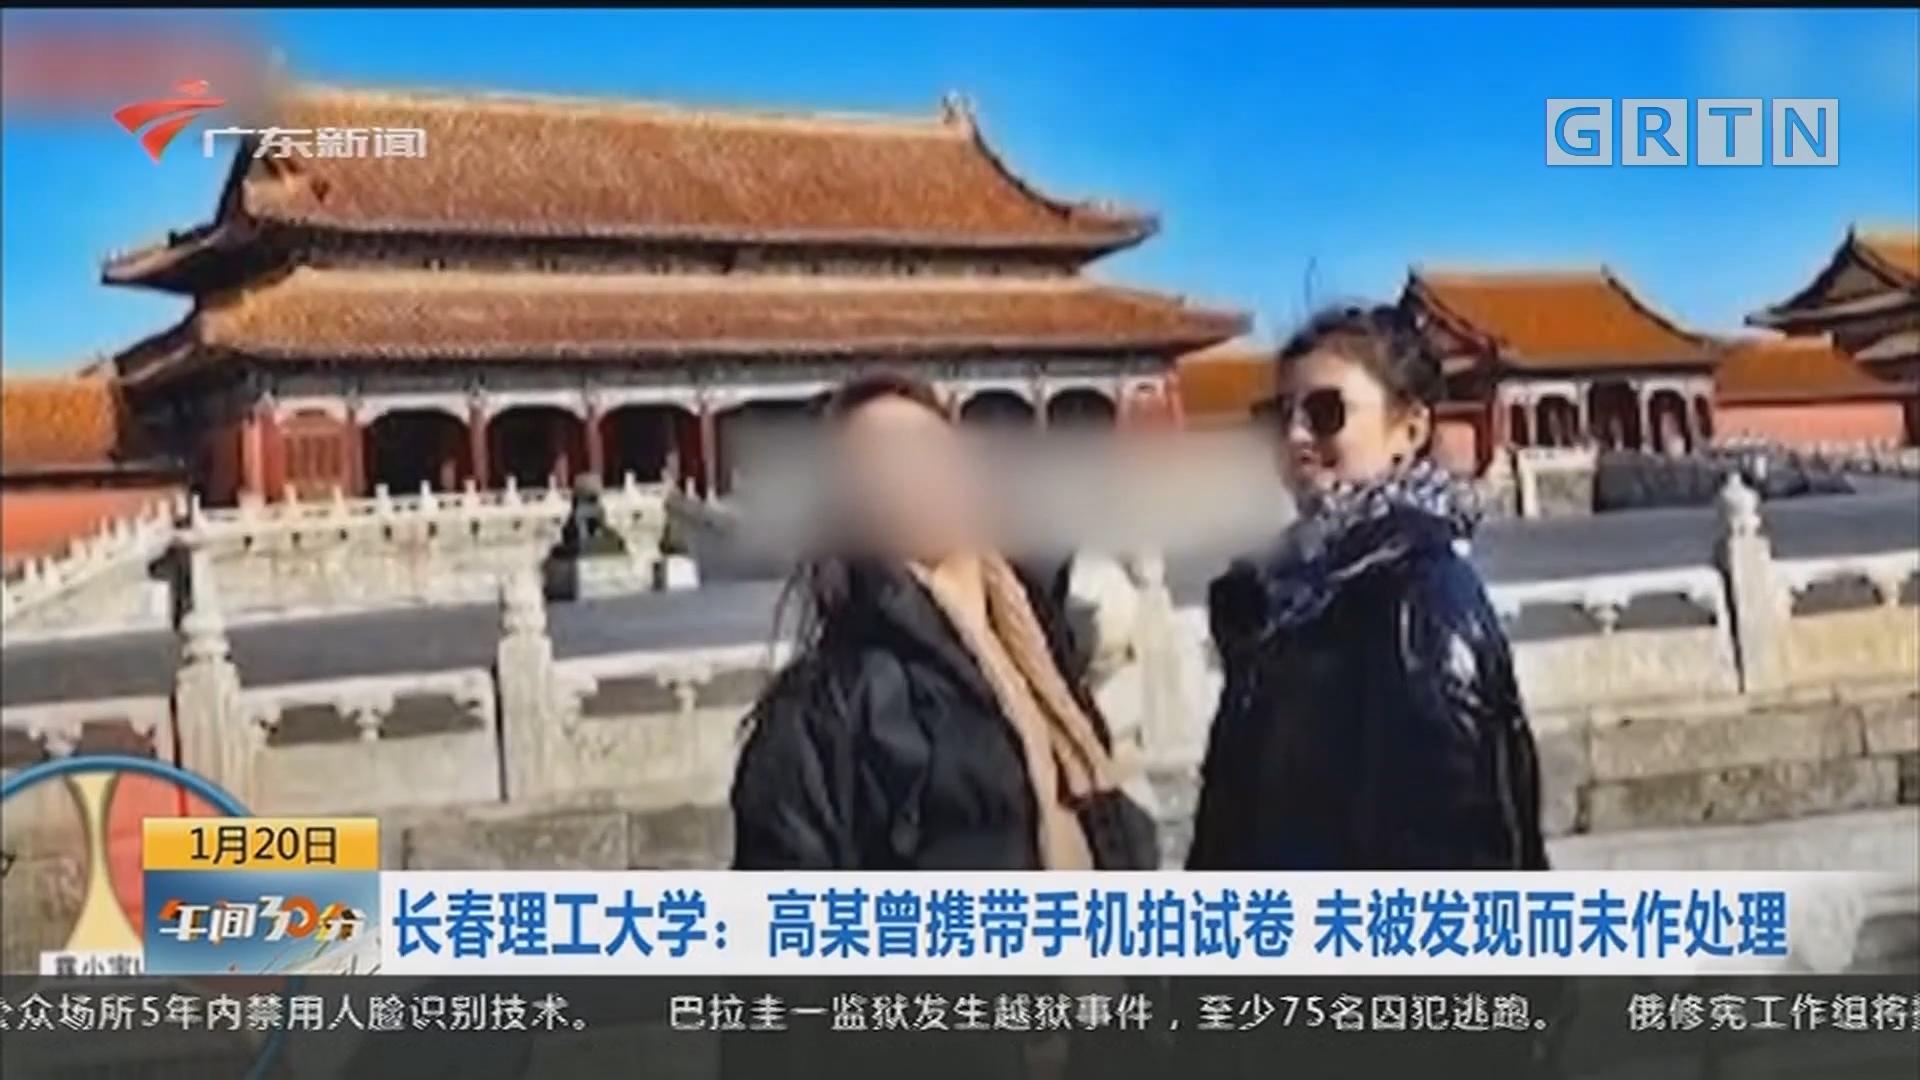 长春理工大学:高某曾携带手机拍试卷 未被发现而未作处理